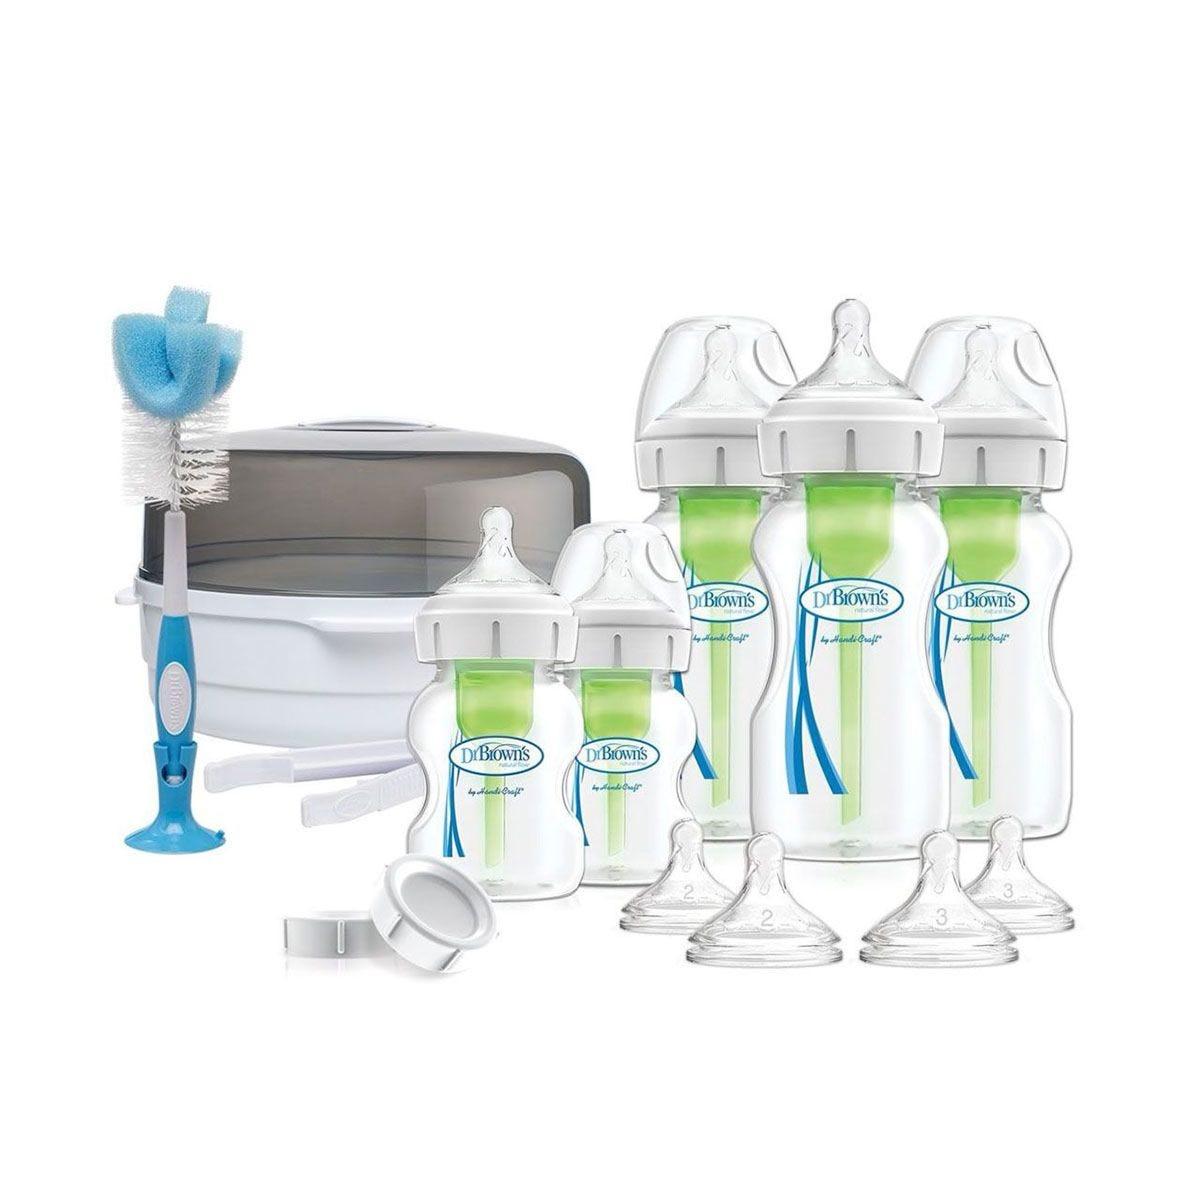 Dr Brown's DBAC167 Options Bottle & Steriliser Gift Set – White